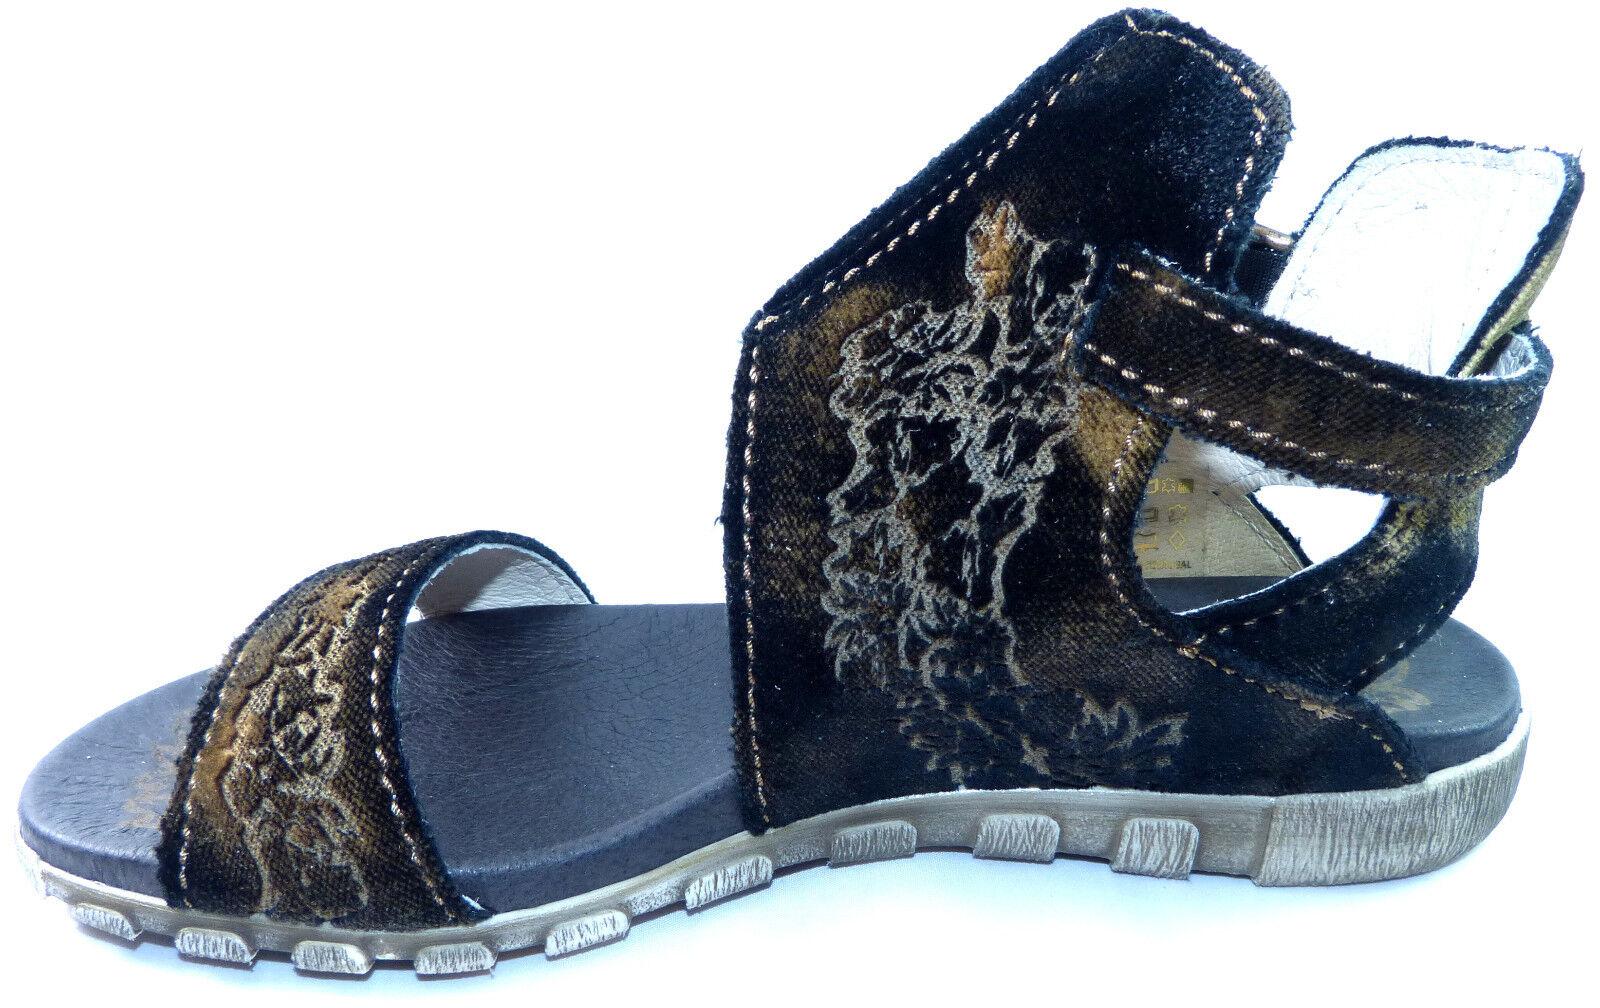 Rovers Sandalette 39 Gr. 39 Sandalette schwarz samt Stiefel Stiefelette Leder neu 583833